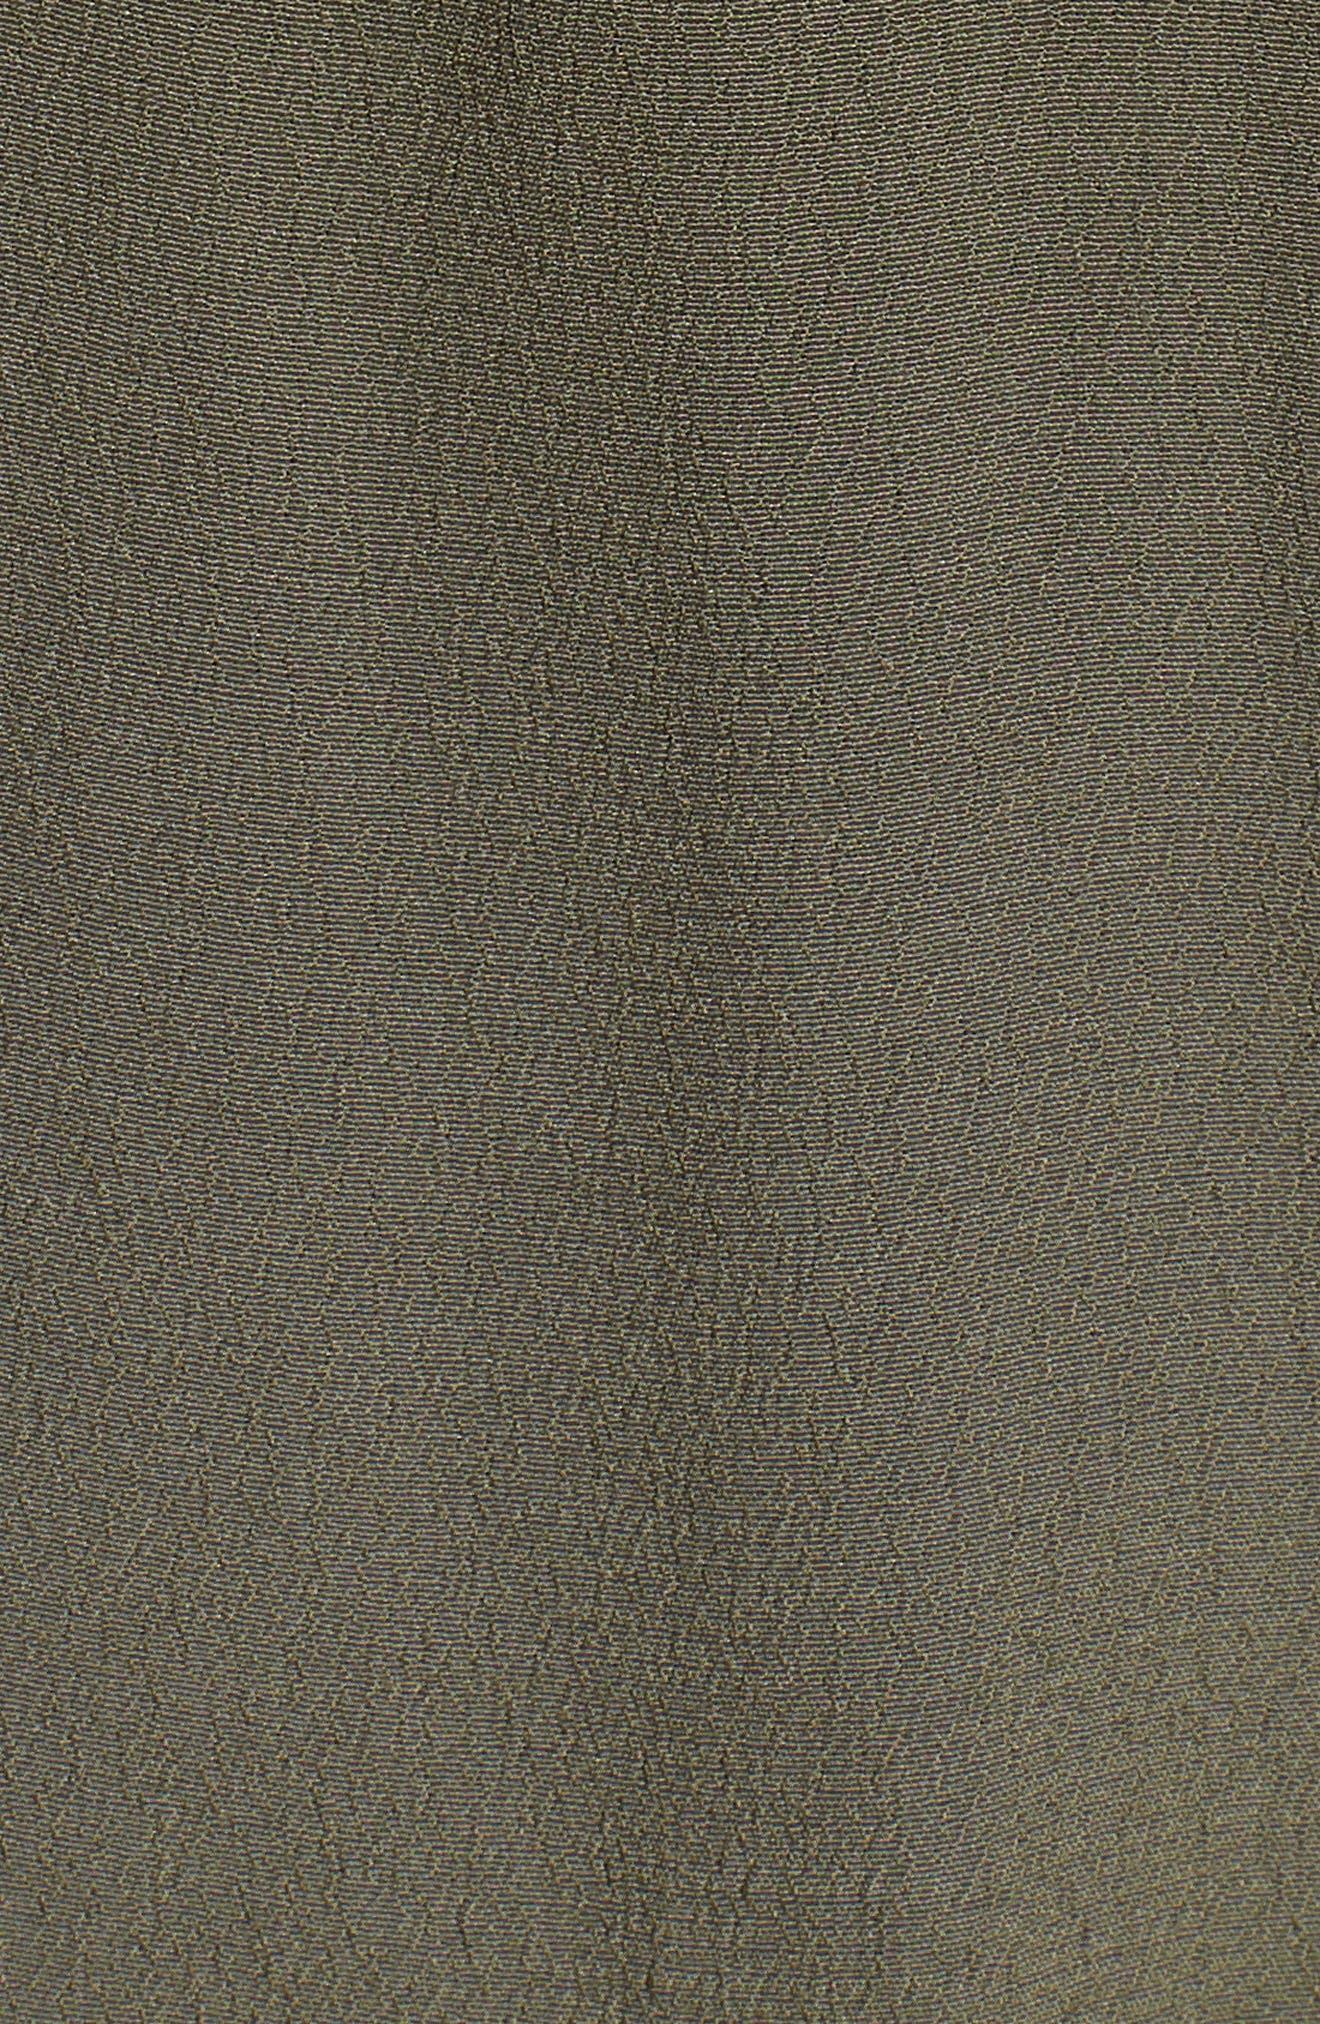 Ruched Back Vest,                             Alternate thumbnail 6, color,                             Olive Sarma